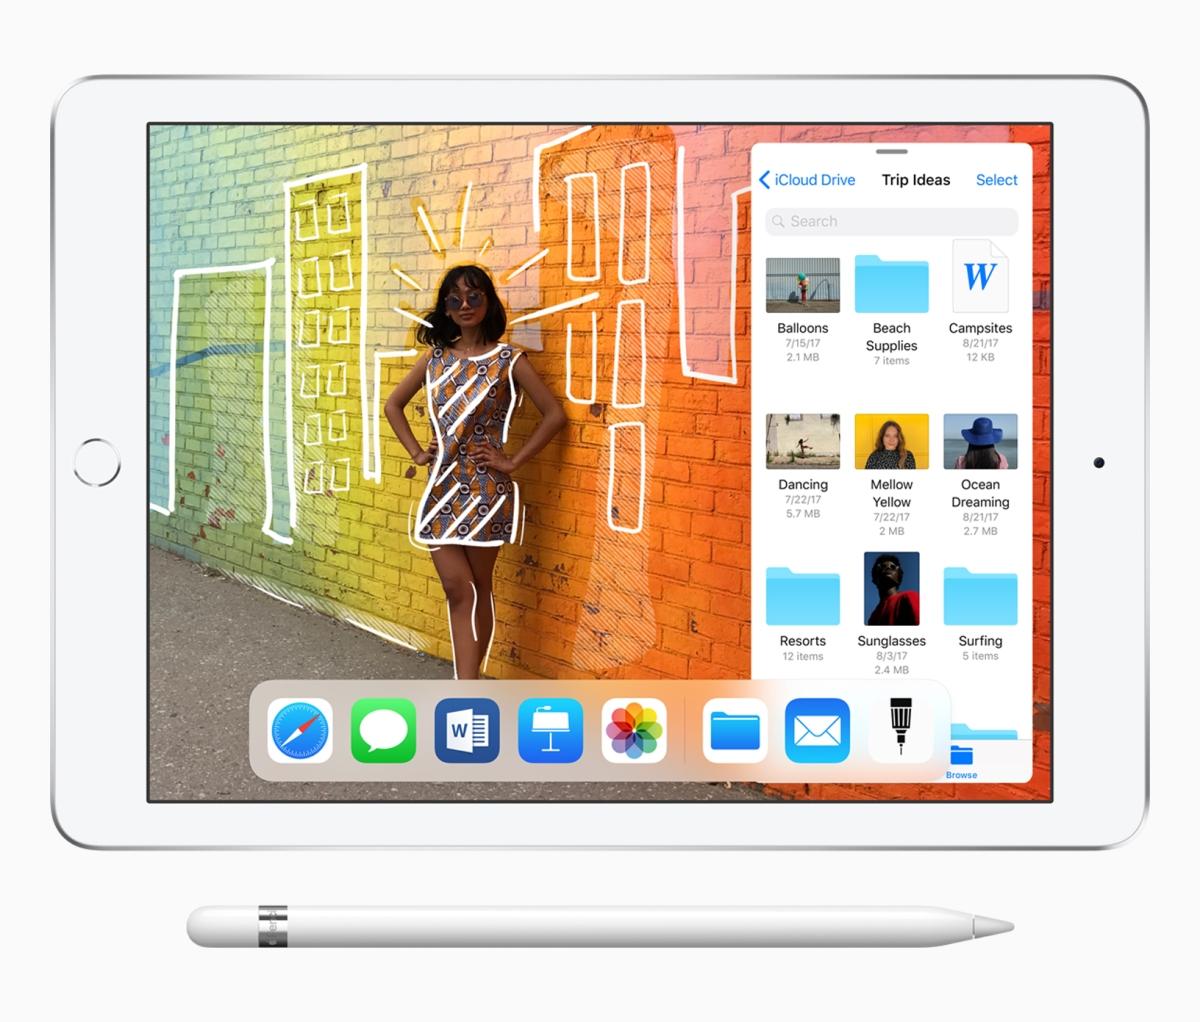 iOS : Devenez un Pro sur iPad avec les vidéosd'Apple